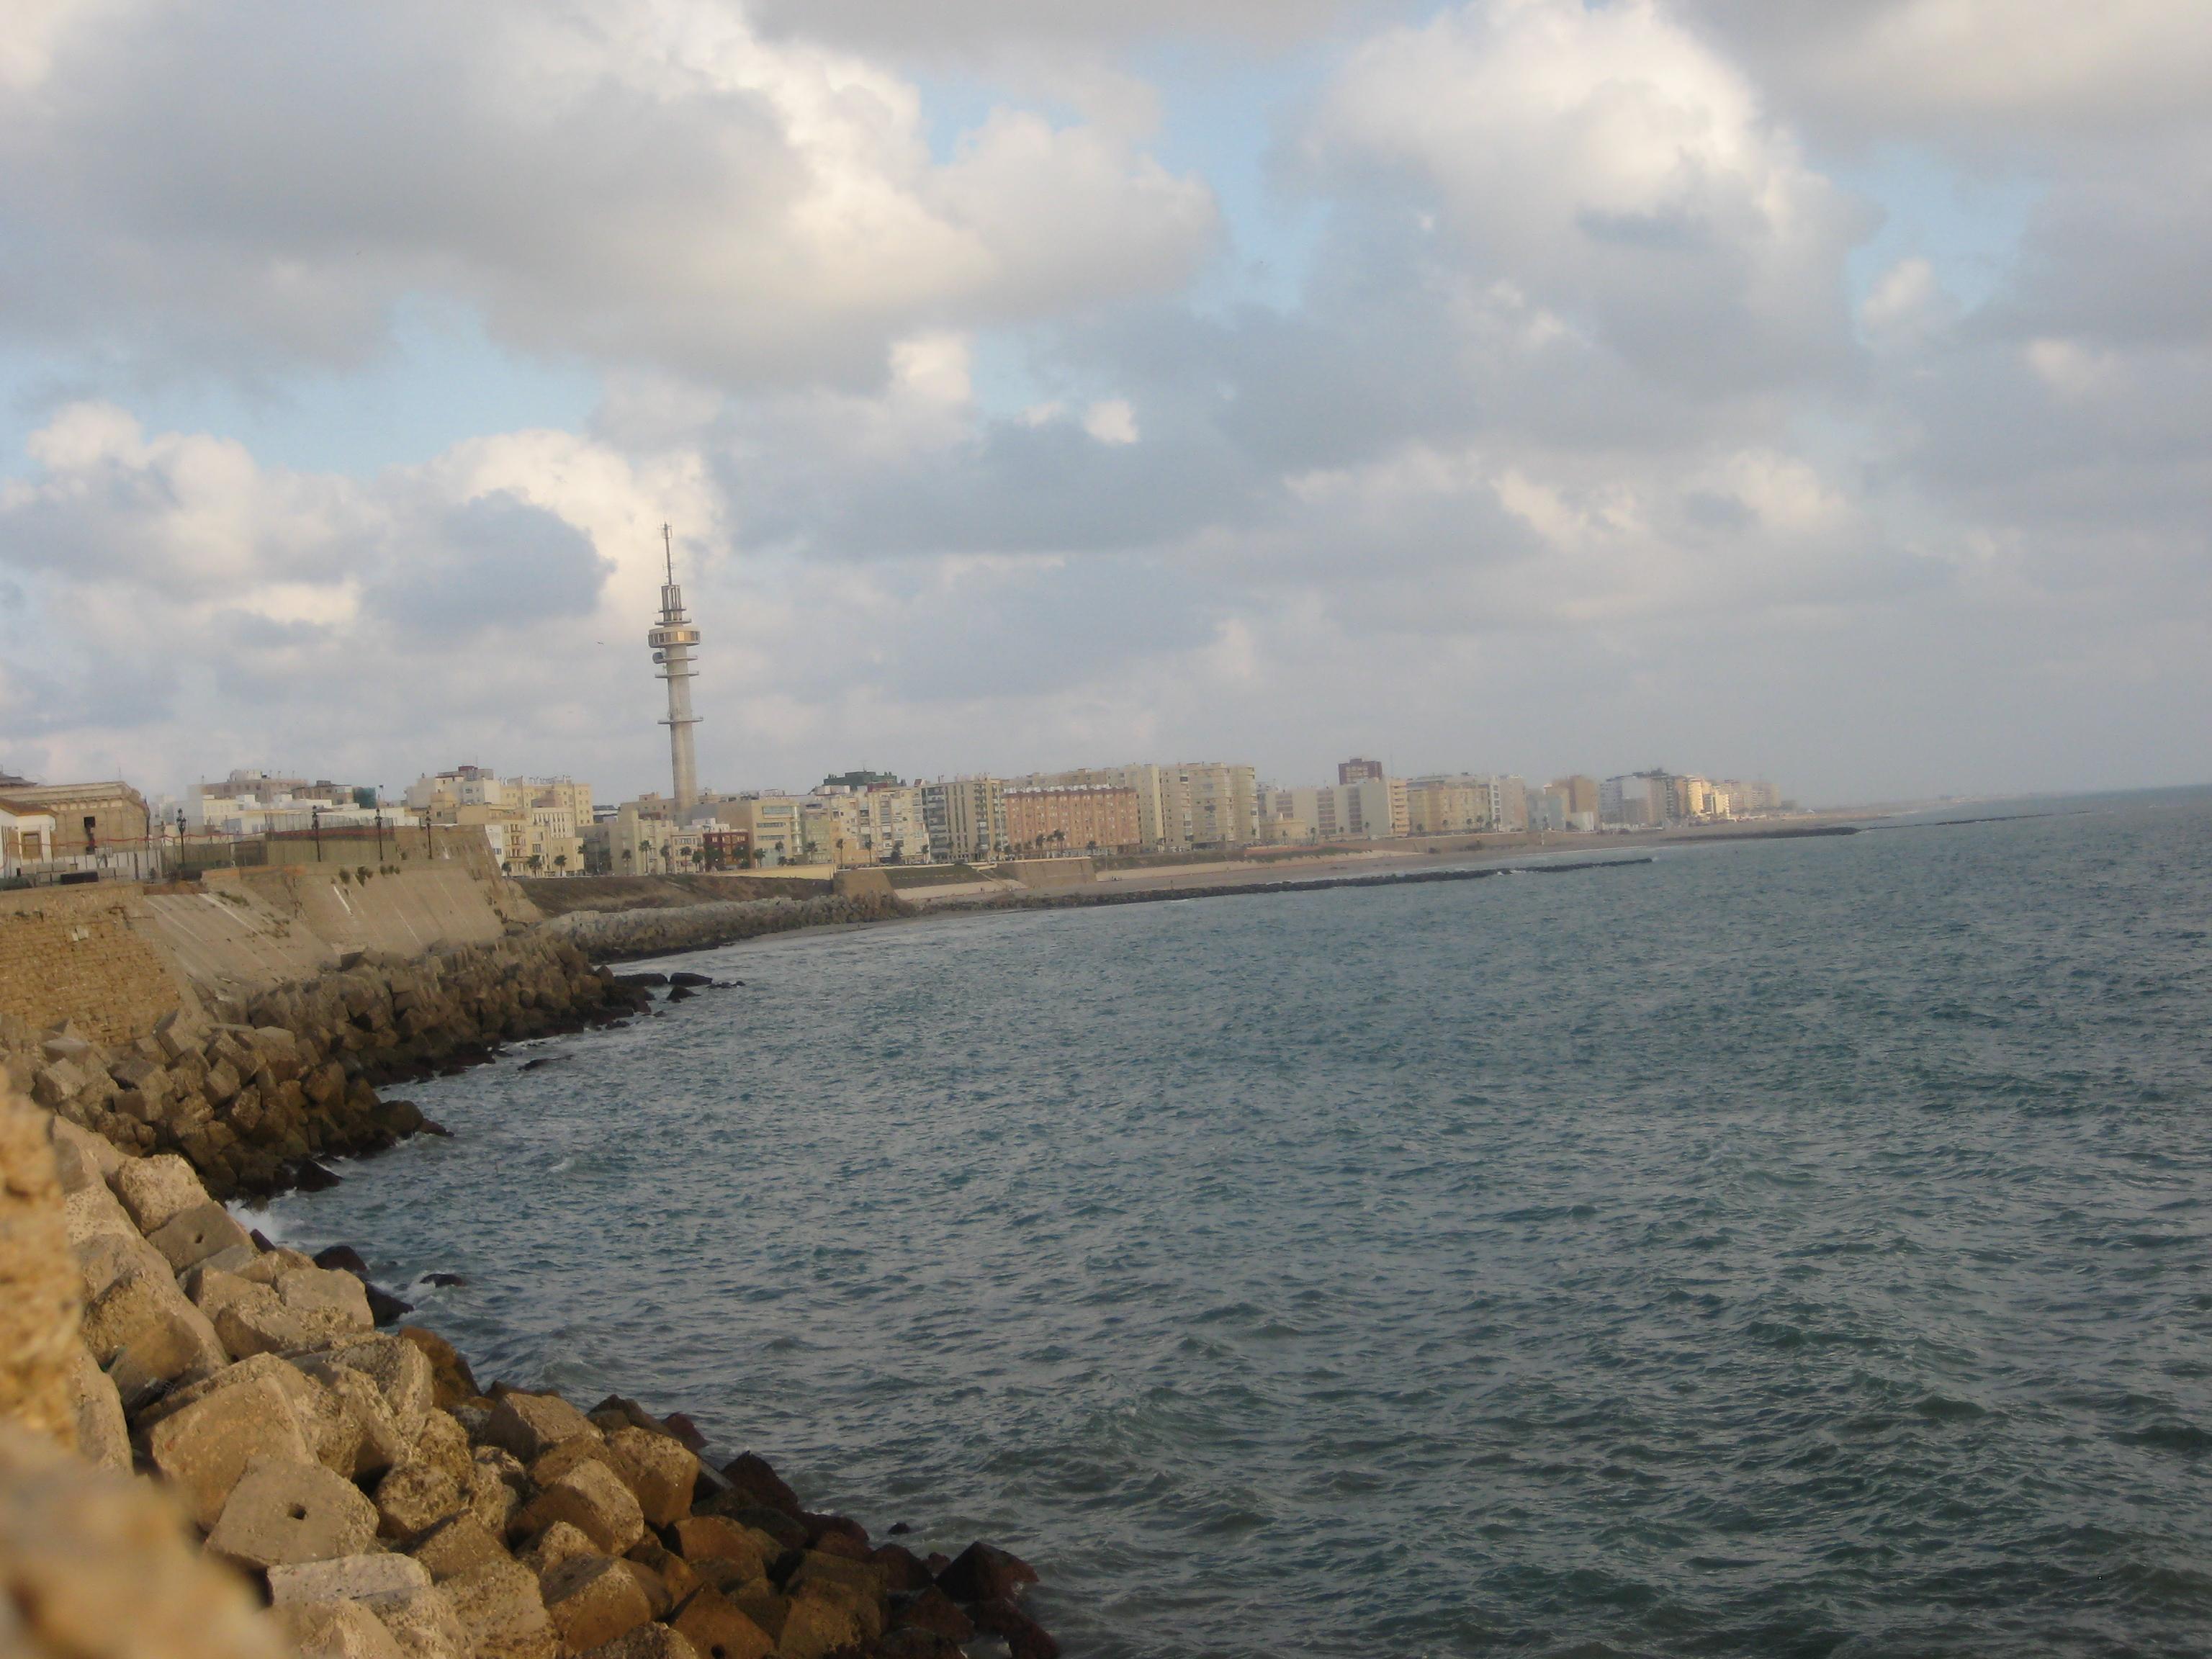 Ispanija plaukimas 211